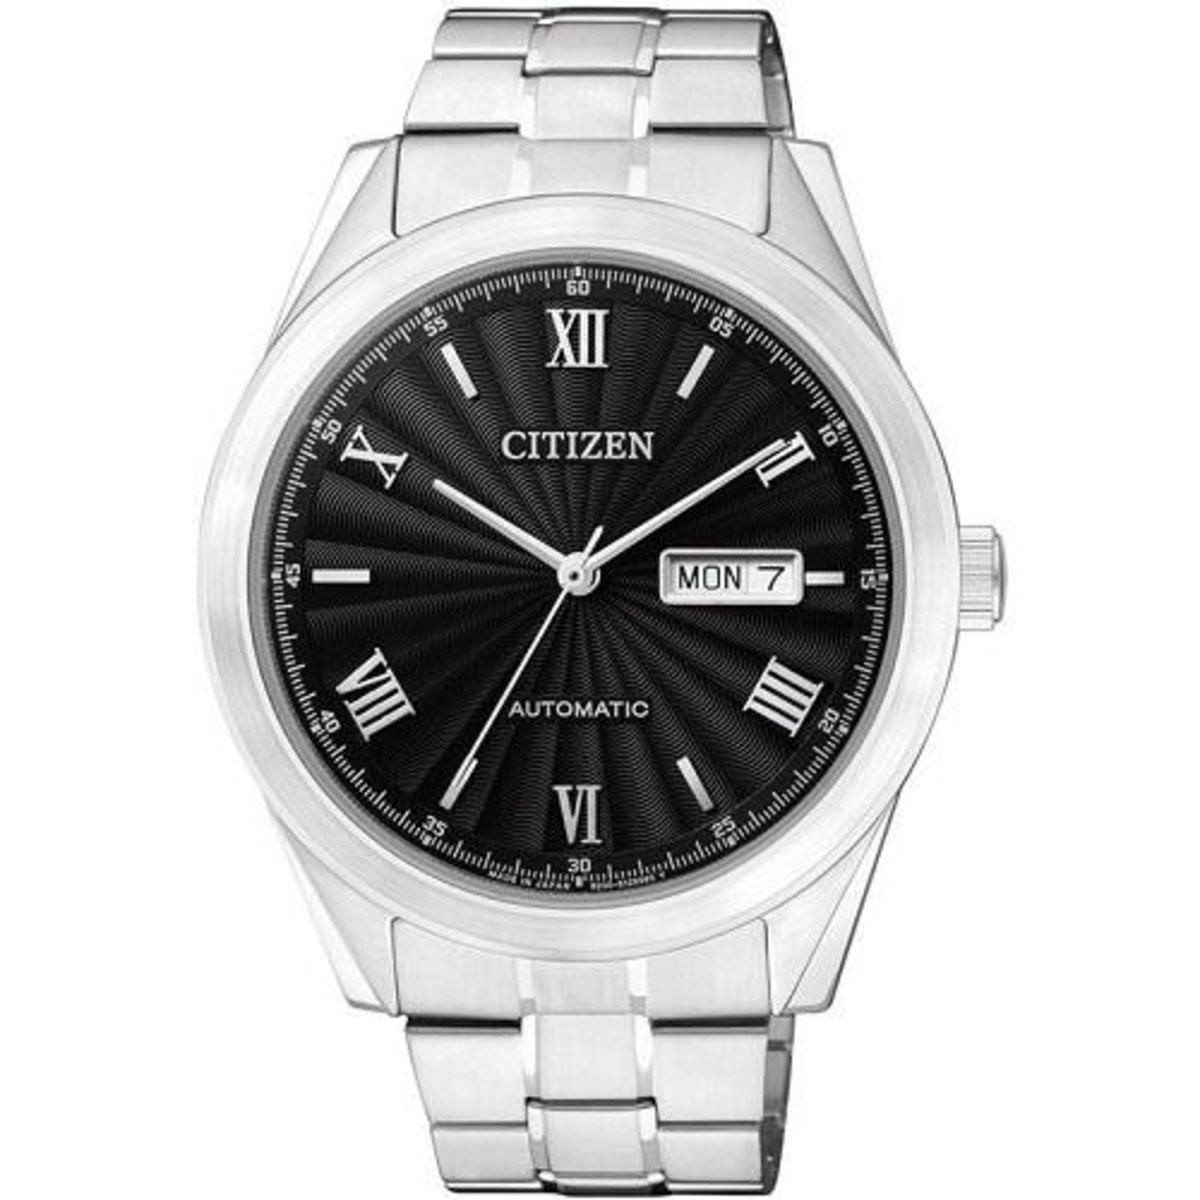 Citizen Gentlemen Mechanical Watch NH7510-50E Parallel Import